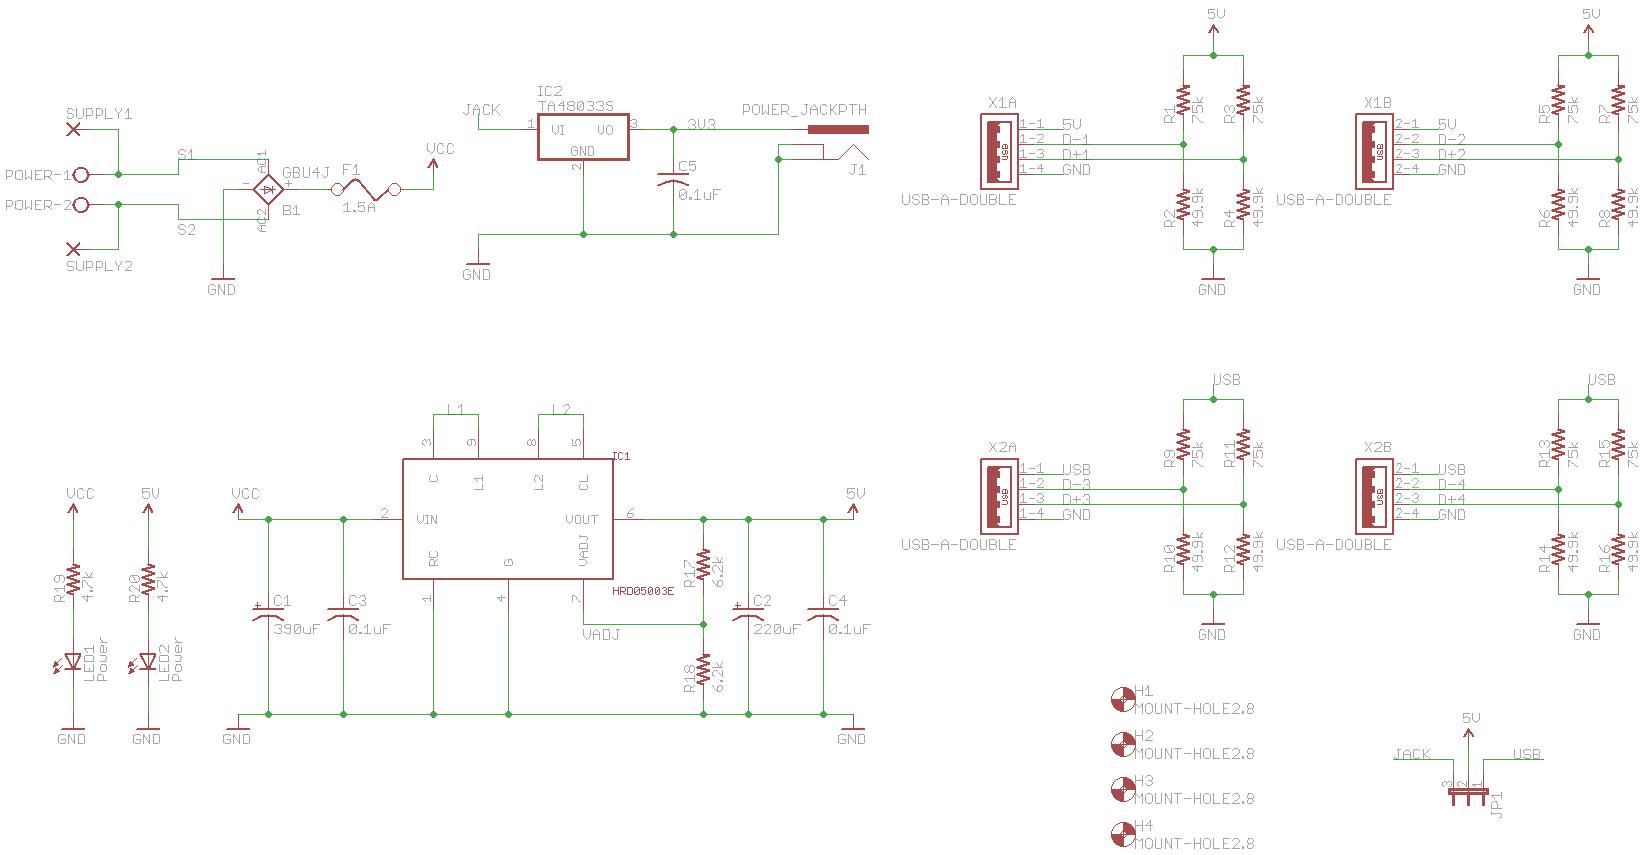 power module v1.0 schematic